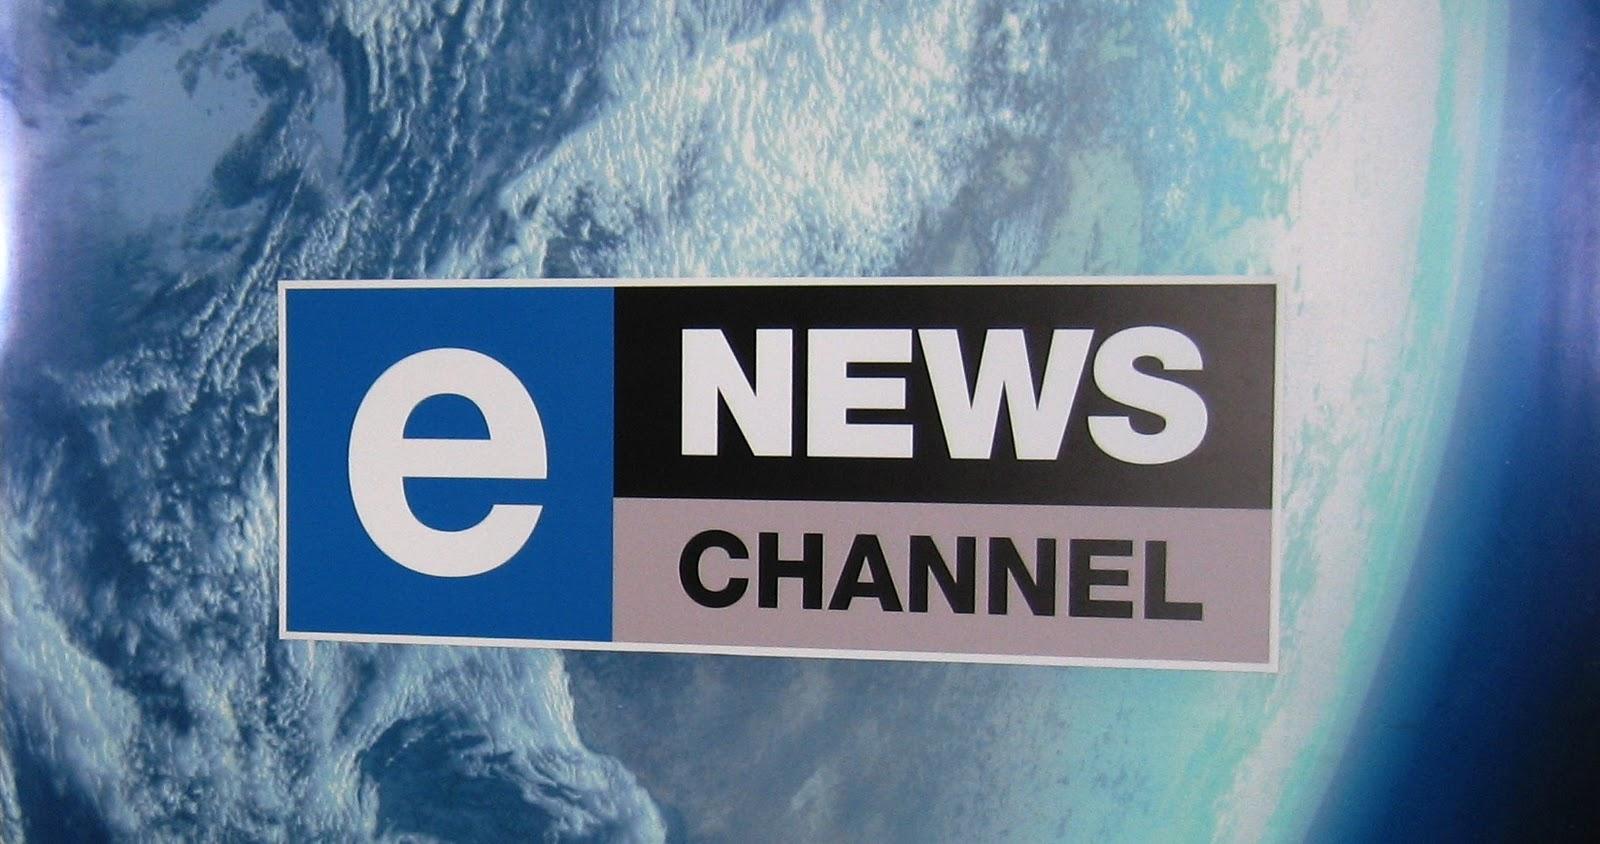 Channel E